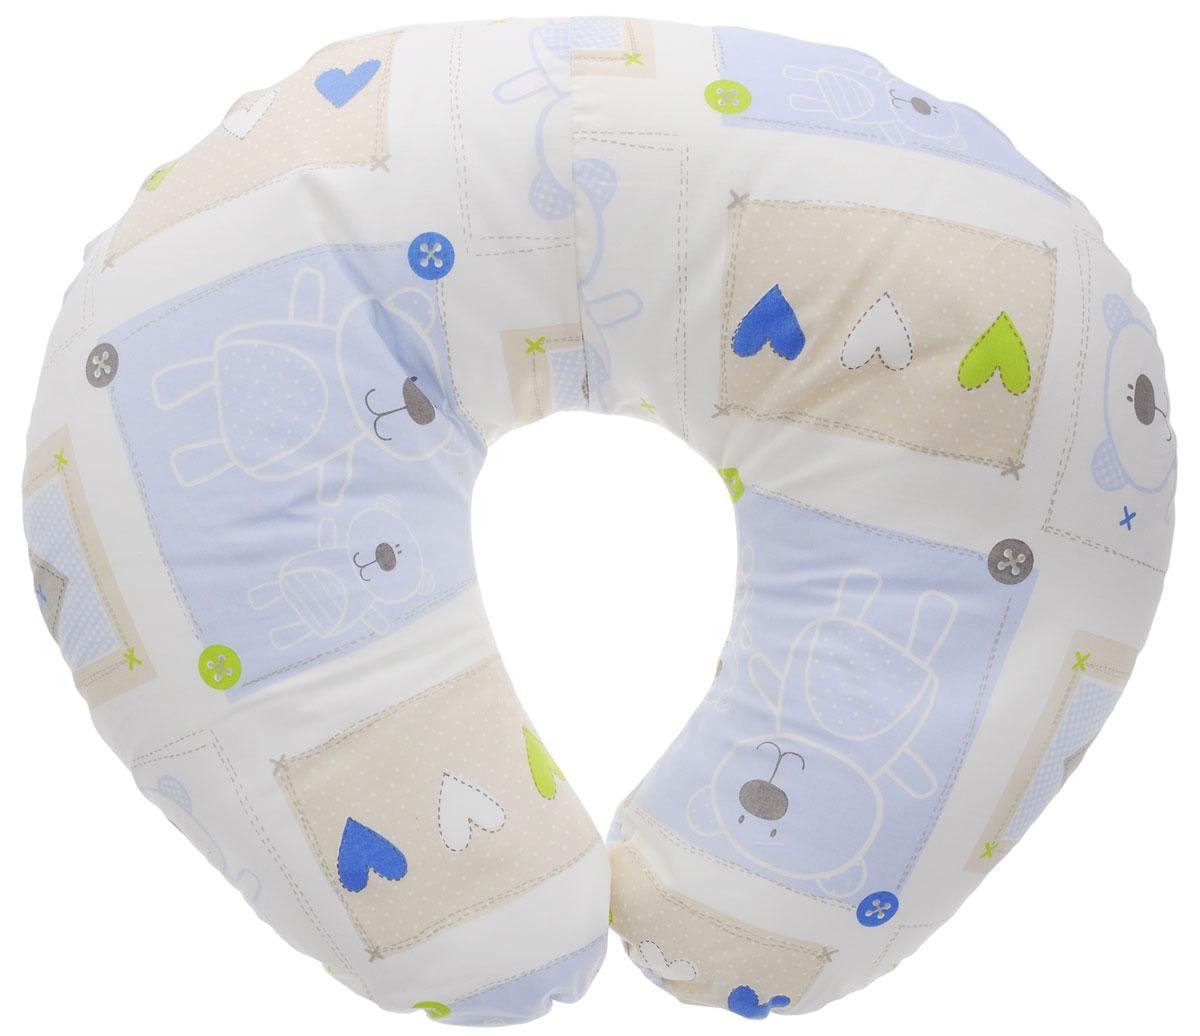 Plantex Подушка для кормящих и беременных мам Comfy Small Мишка и сердечки01030_мишка и сердечки бежевый голубойМногофункциональная подушка Plantex Comfy Small идеальна для удобства ребенка и его родителей. Зачастую именно эта модель называется подушкой для беременных. Ведь она создана именно для будущих мам с учетом всех анатомических особенностей в этот период. На любом сроке беременности она бережно поддержит растущий животик и поможет сохранить комфортное и безопасное положение во время сна. Подушка идеально подходит для кормления уже появившегося малыша. Позже многофункциональная подушка поможет ему сохранить равновесие при первых попытках сесть. Чехол подушки выполнен из 100% хлопка и снабжен застежкой-молнией, что позволяет без труда снять и постирать его. Наполнителем подушки служат полистироловые шарики - экологичные, не деформируются сами и хорошо сохраняют форму подушки. Подушка для кормящих и беременных мам Plantex Comfy Small - это удобная и практичная вещь, которая прослужит вам долгое время. Подушка поставляется в сумке-чехле. При использовании...